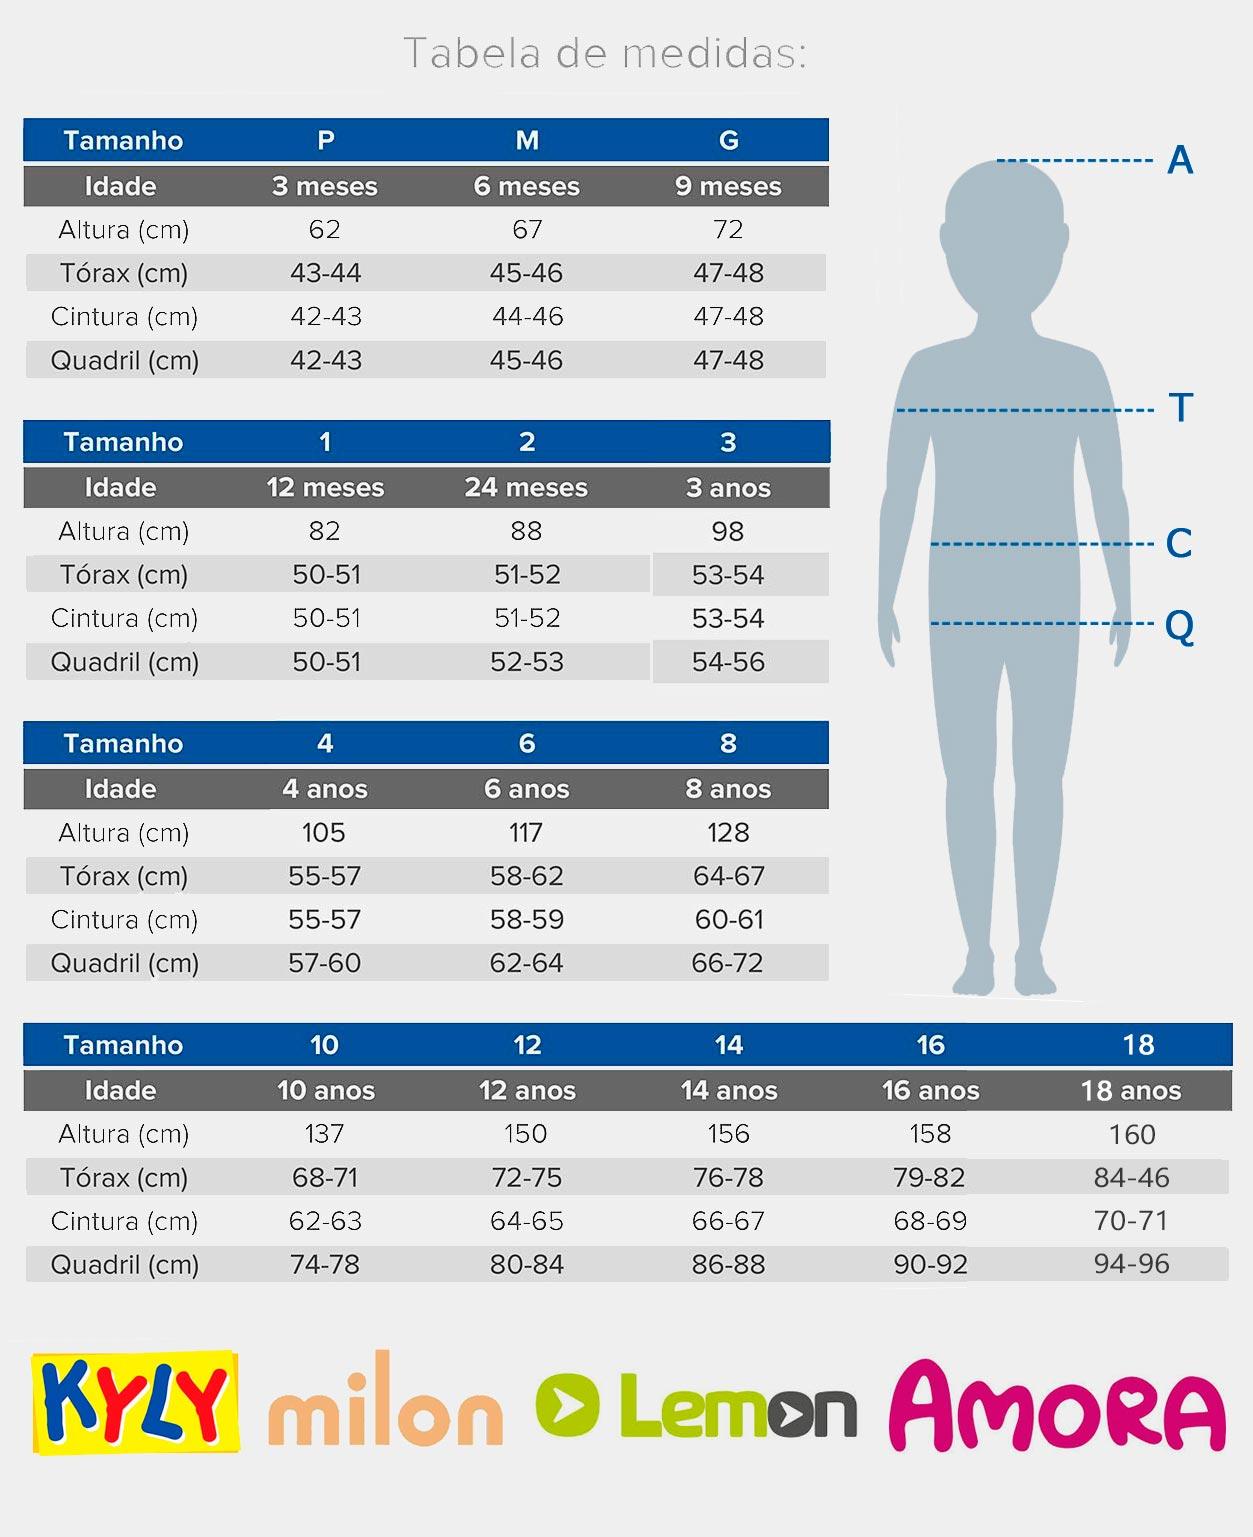 Vestido Infantil Curto Preto Flores - Kyly: Tabela de medidas